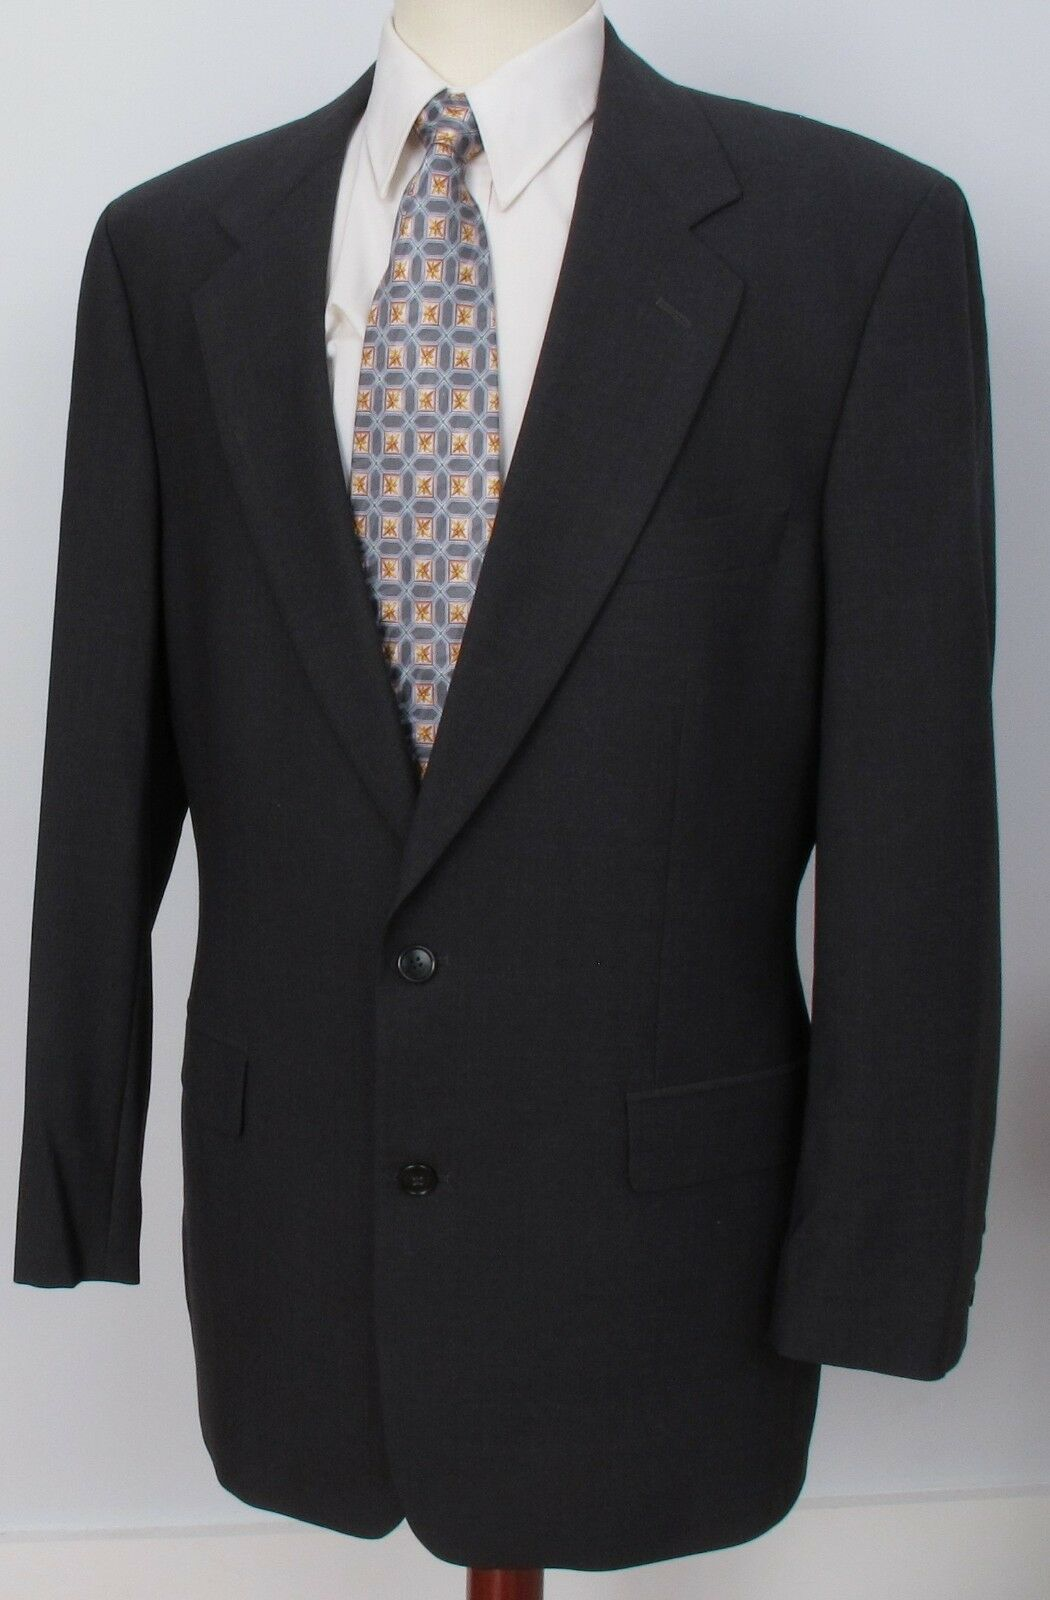 Brooks Brothers Brooksstretch Blazer grau 2 Button Wool 42L PERFECT